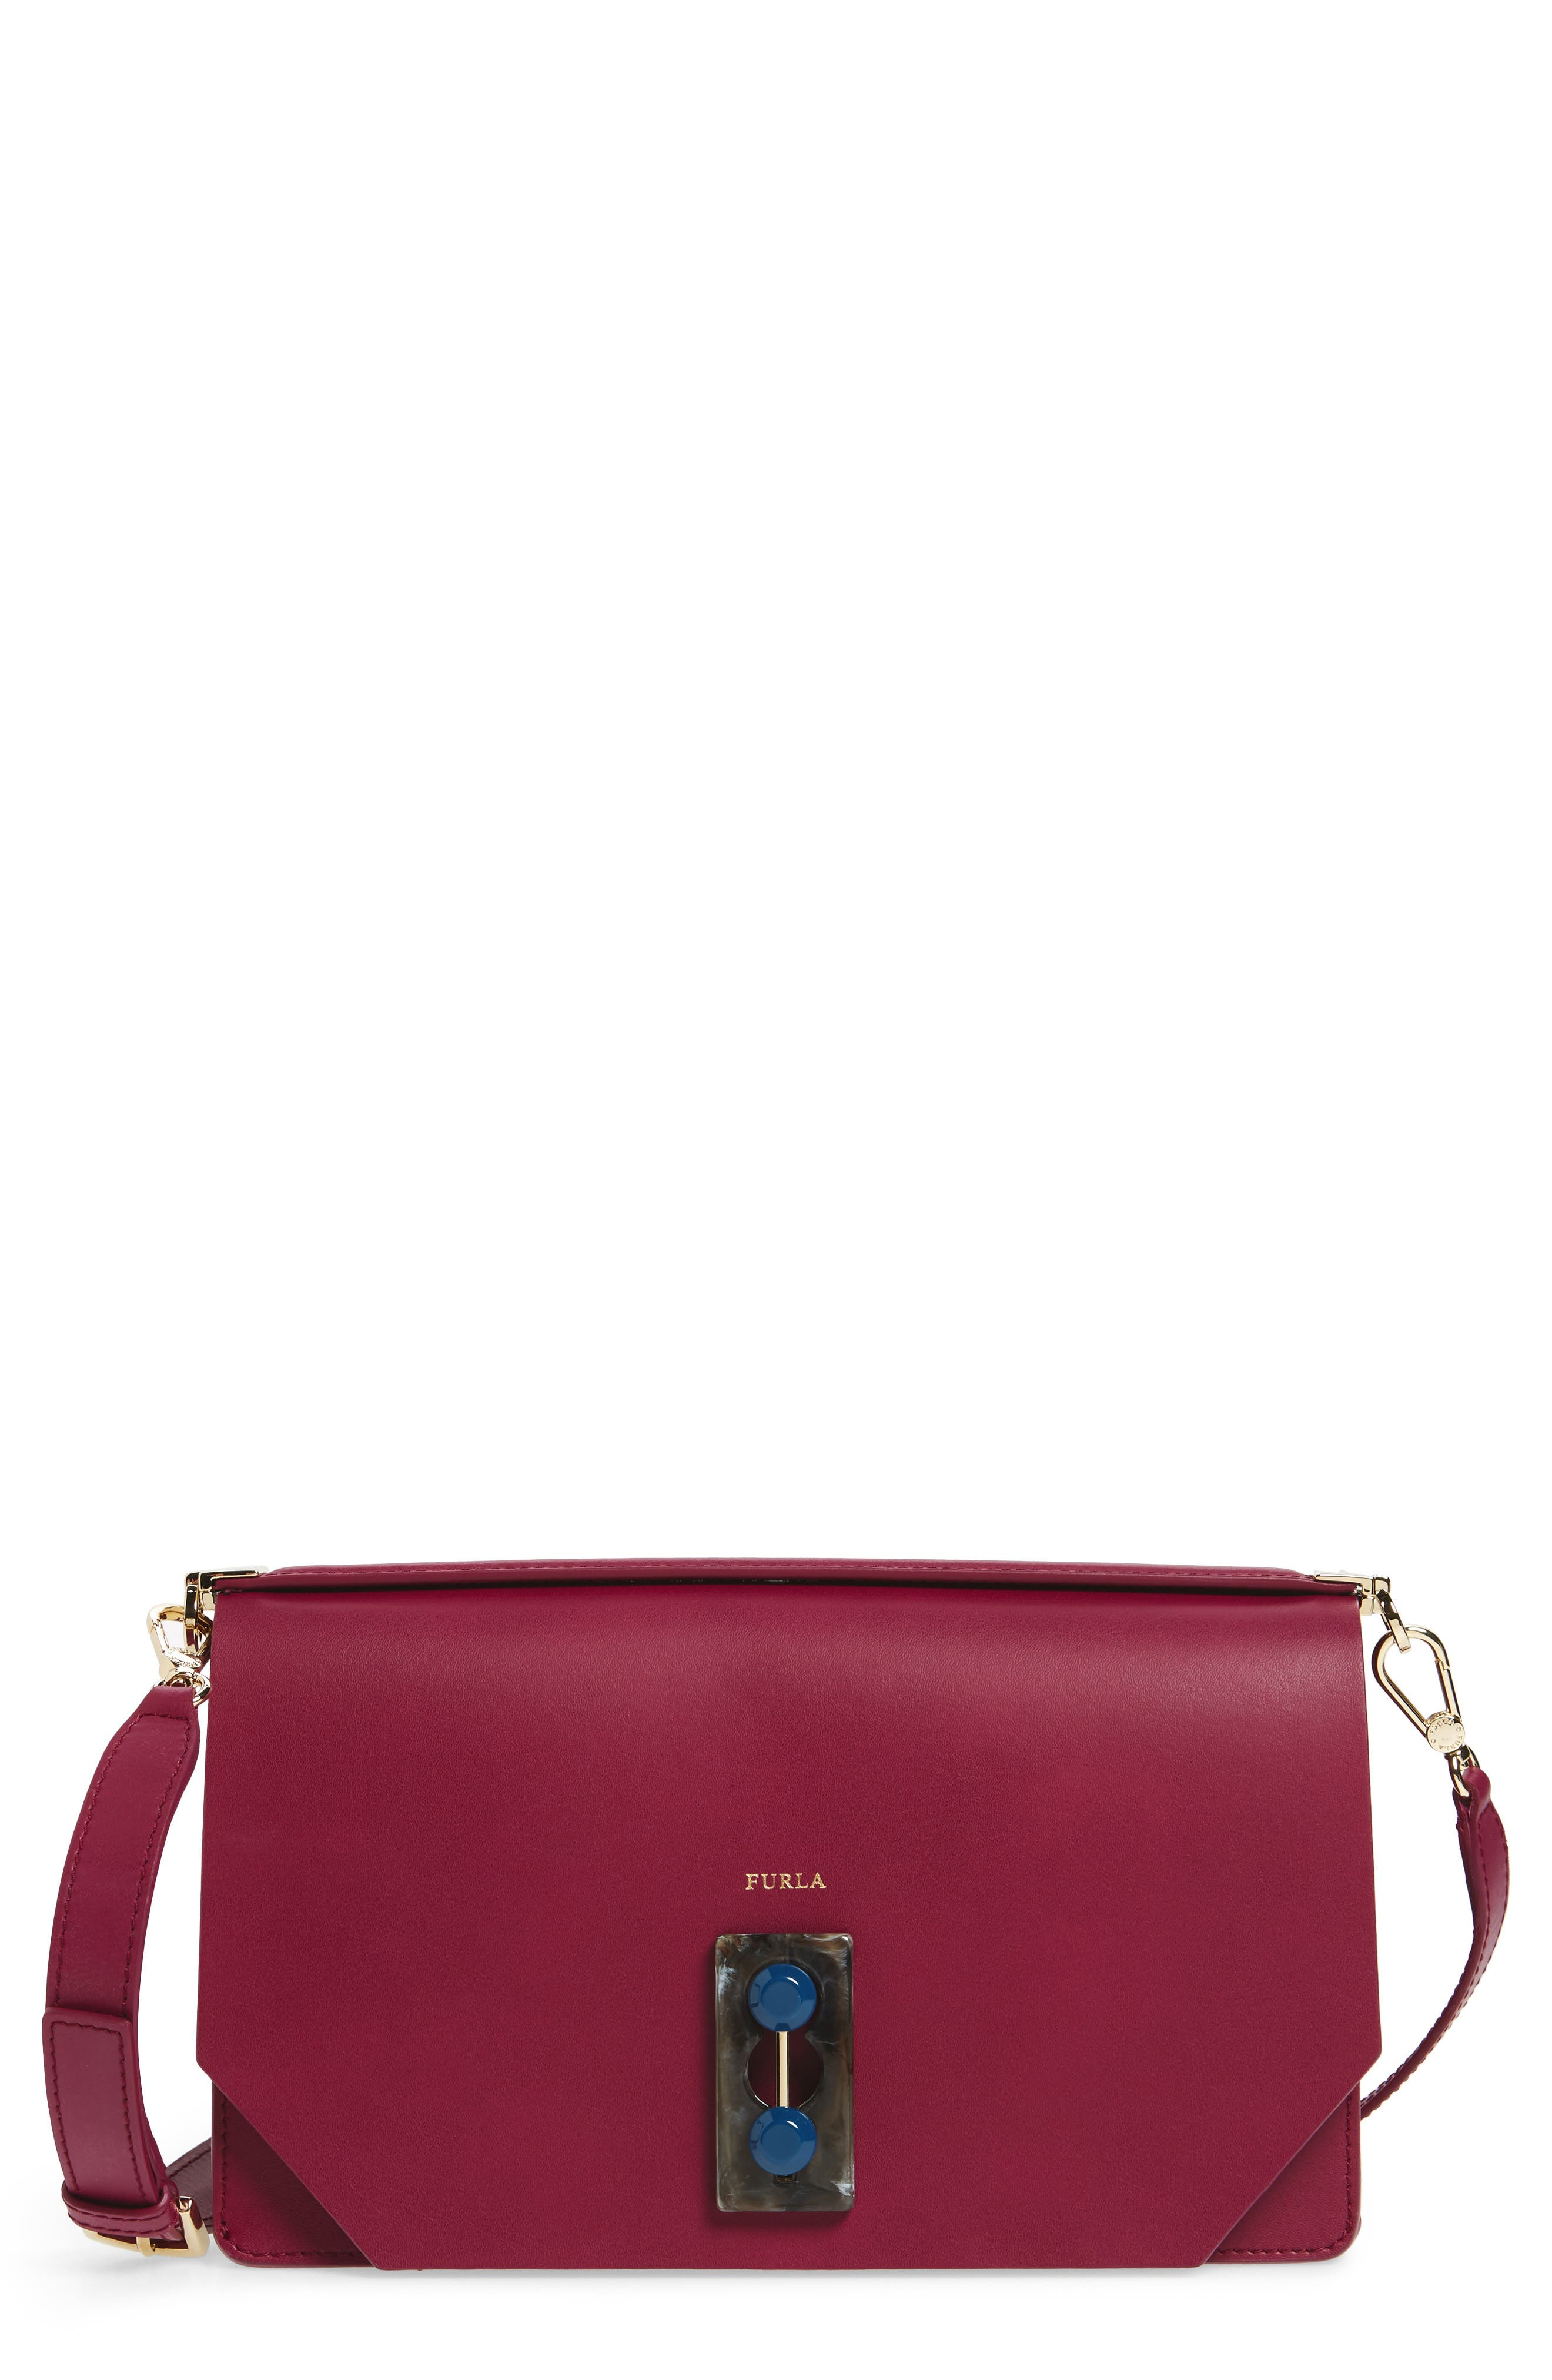 Furla Snap Leather Shoulder Bag